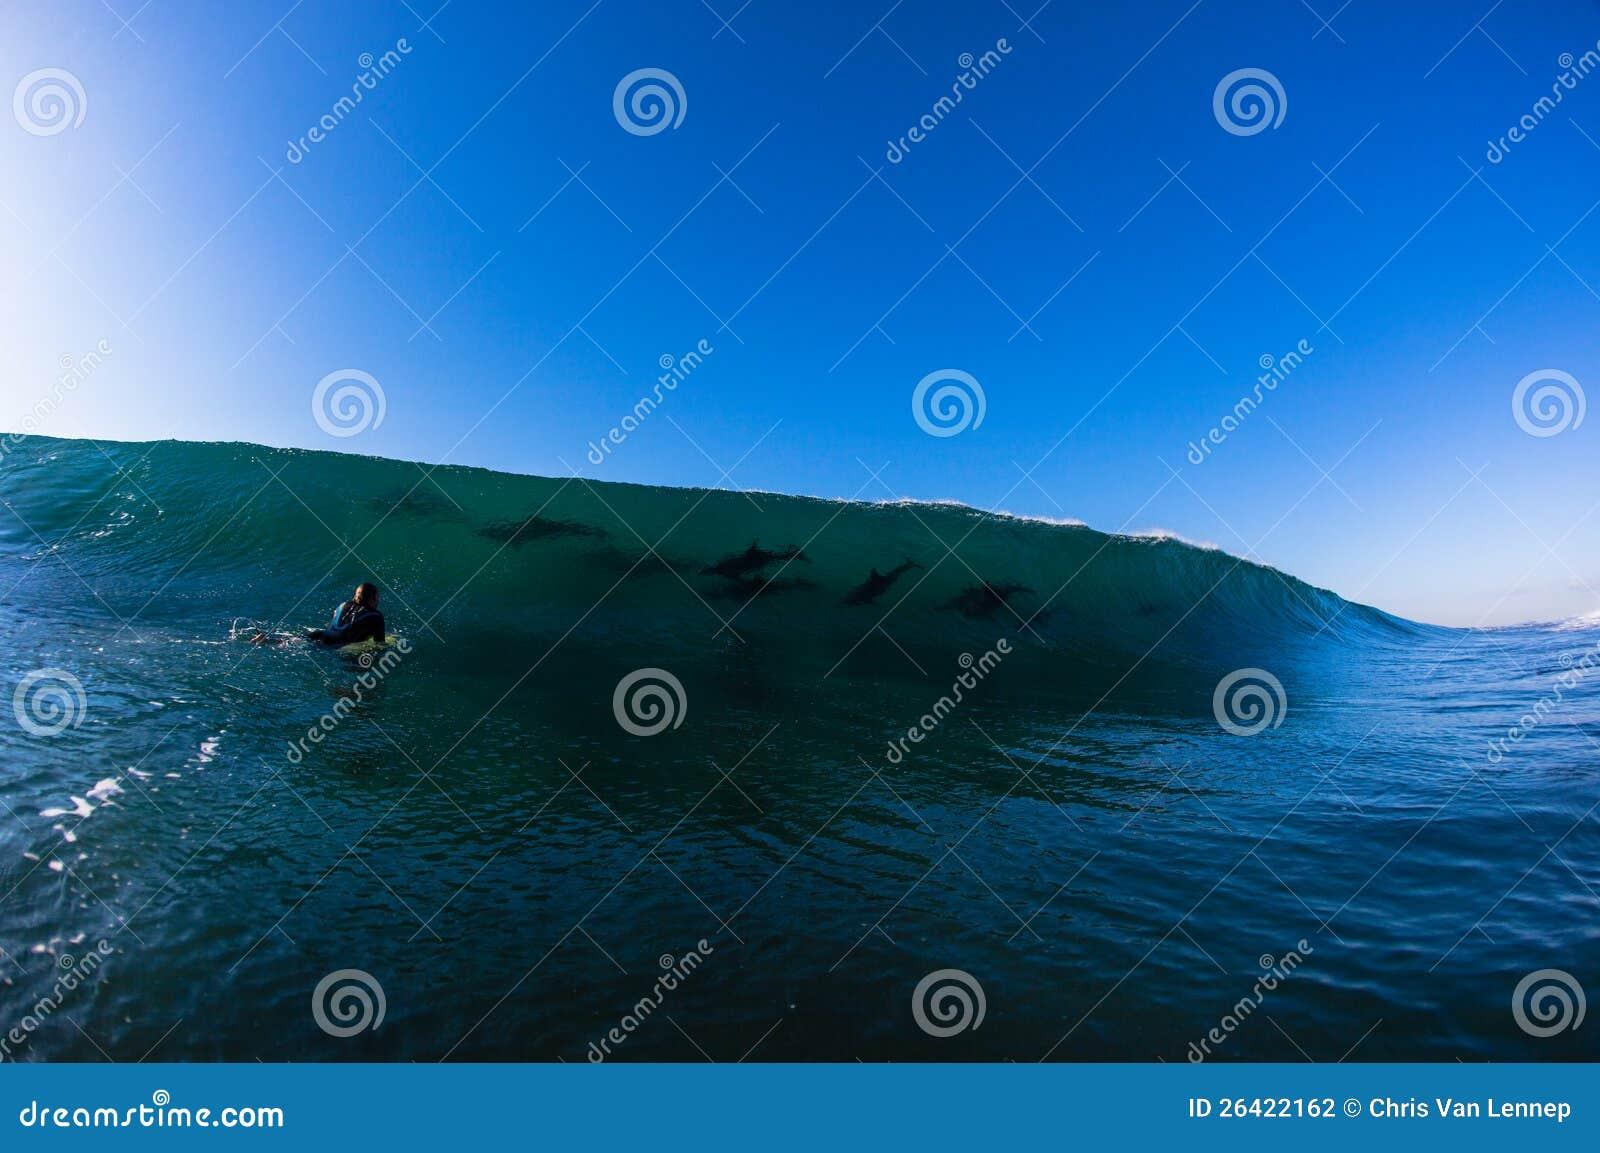 Ozean-Wellen-Delphin-Surfer